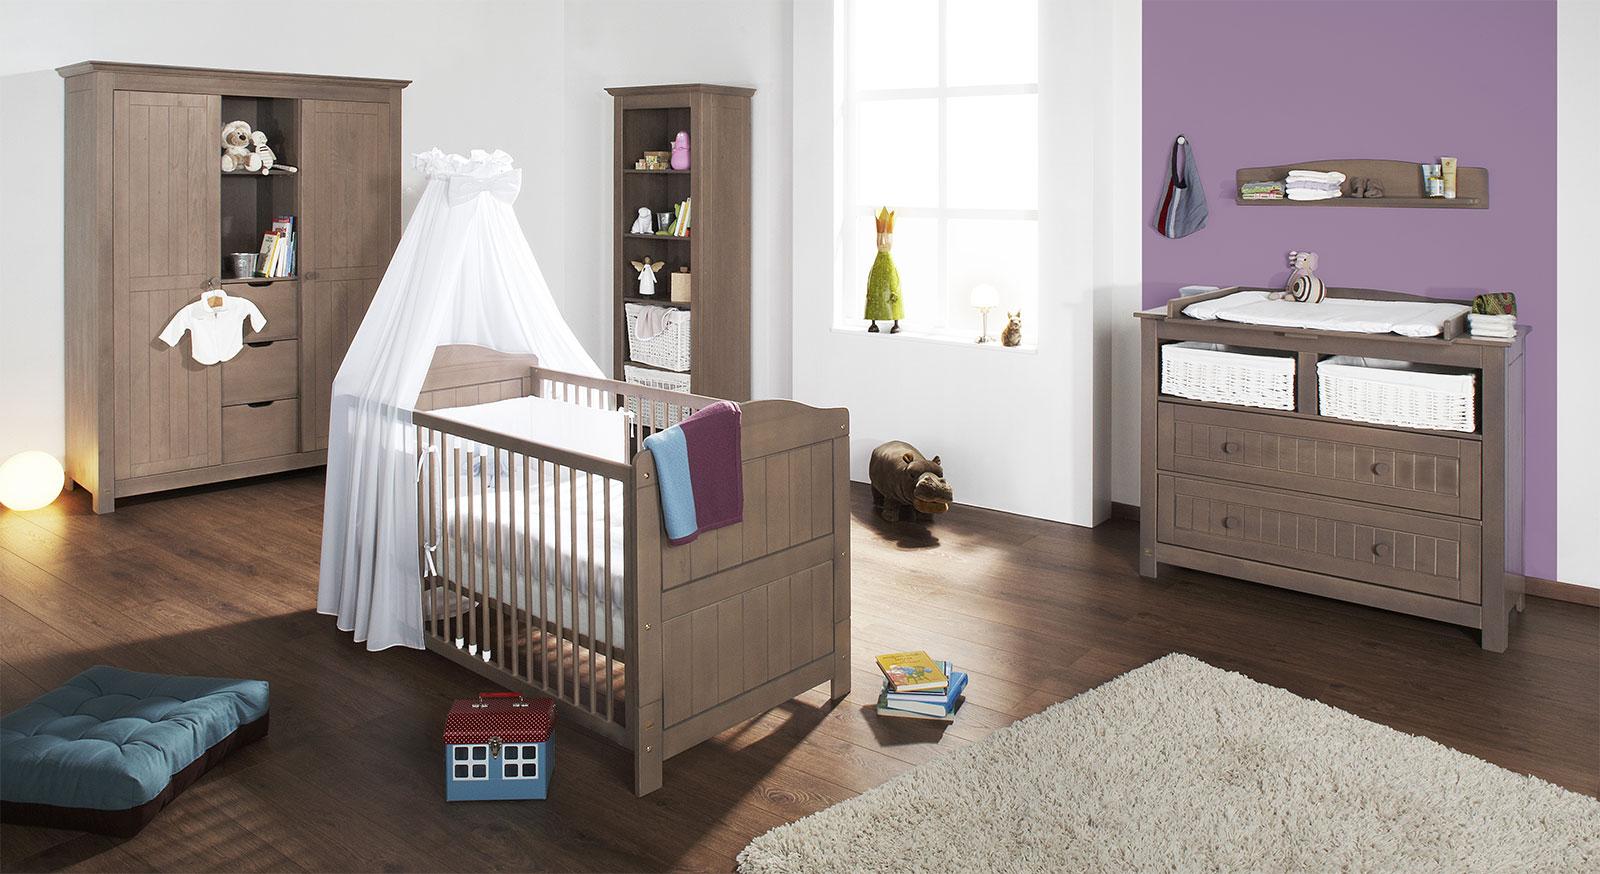 Babyzimmer Jelka aus massiver graubrauner Fichte